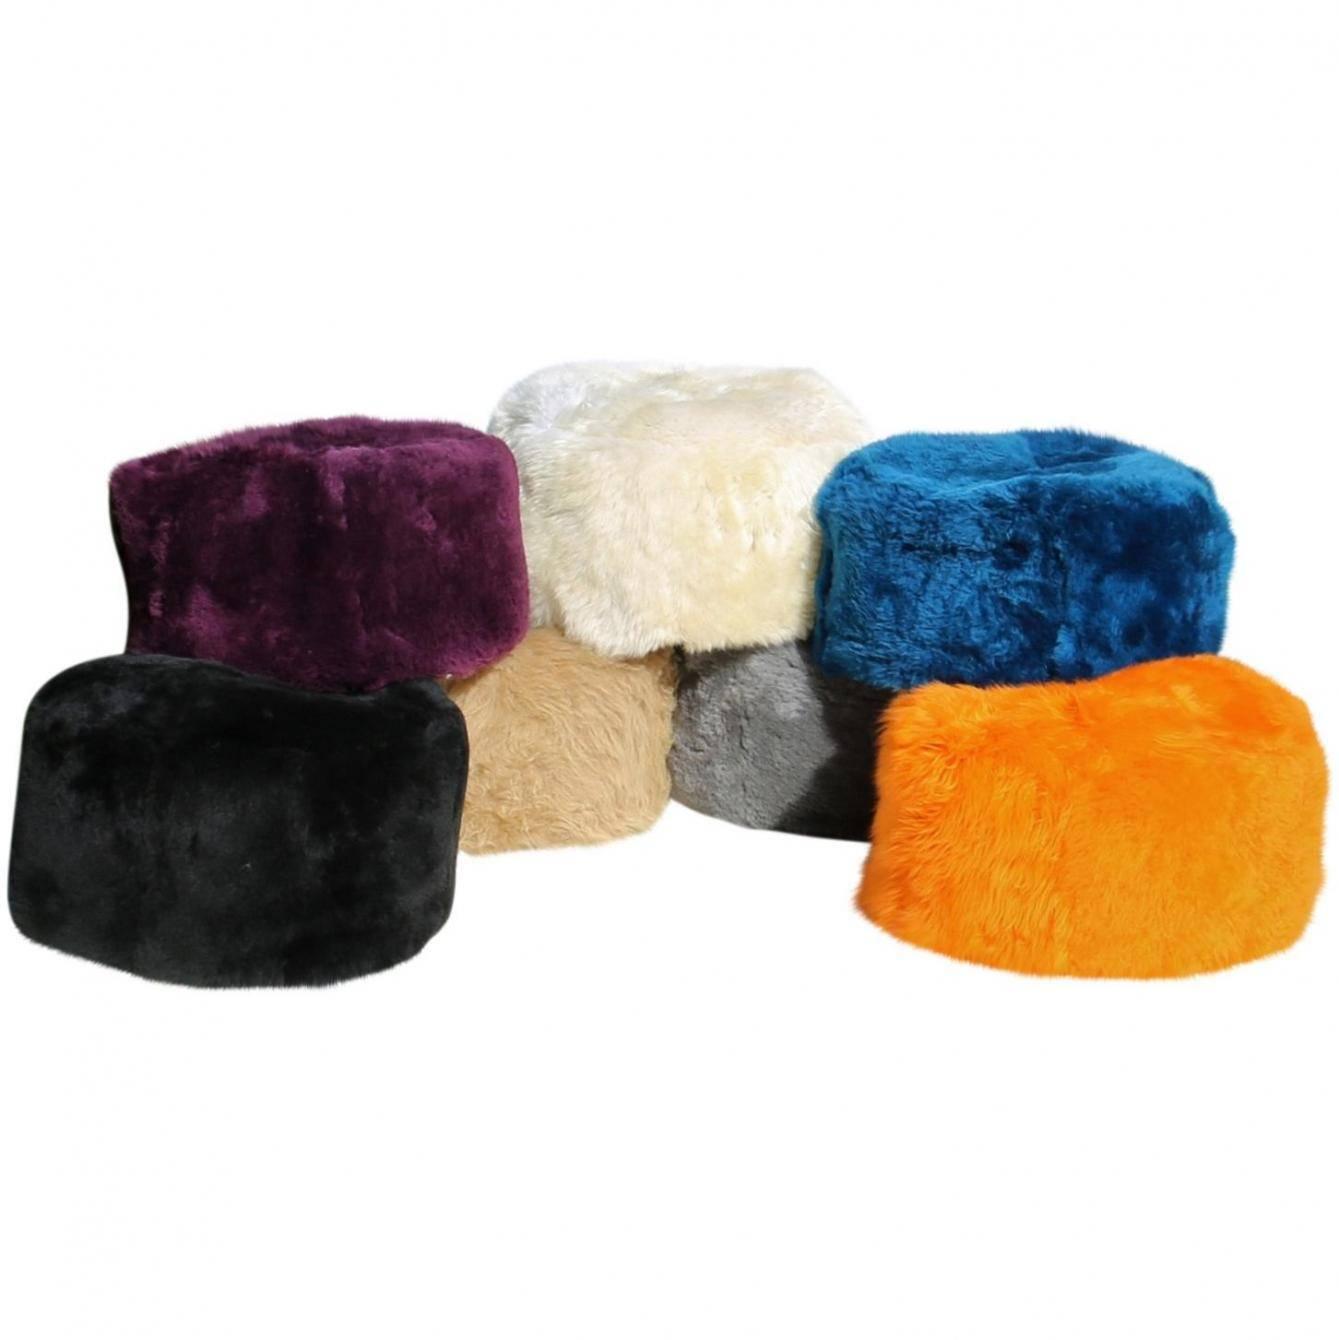 lammfell pouf sitzhocker mittel sitzkissen bodenkissen. Black Bedroom Furniture Sets. Home Design Ideas